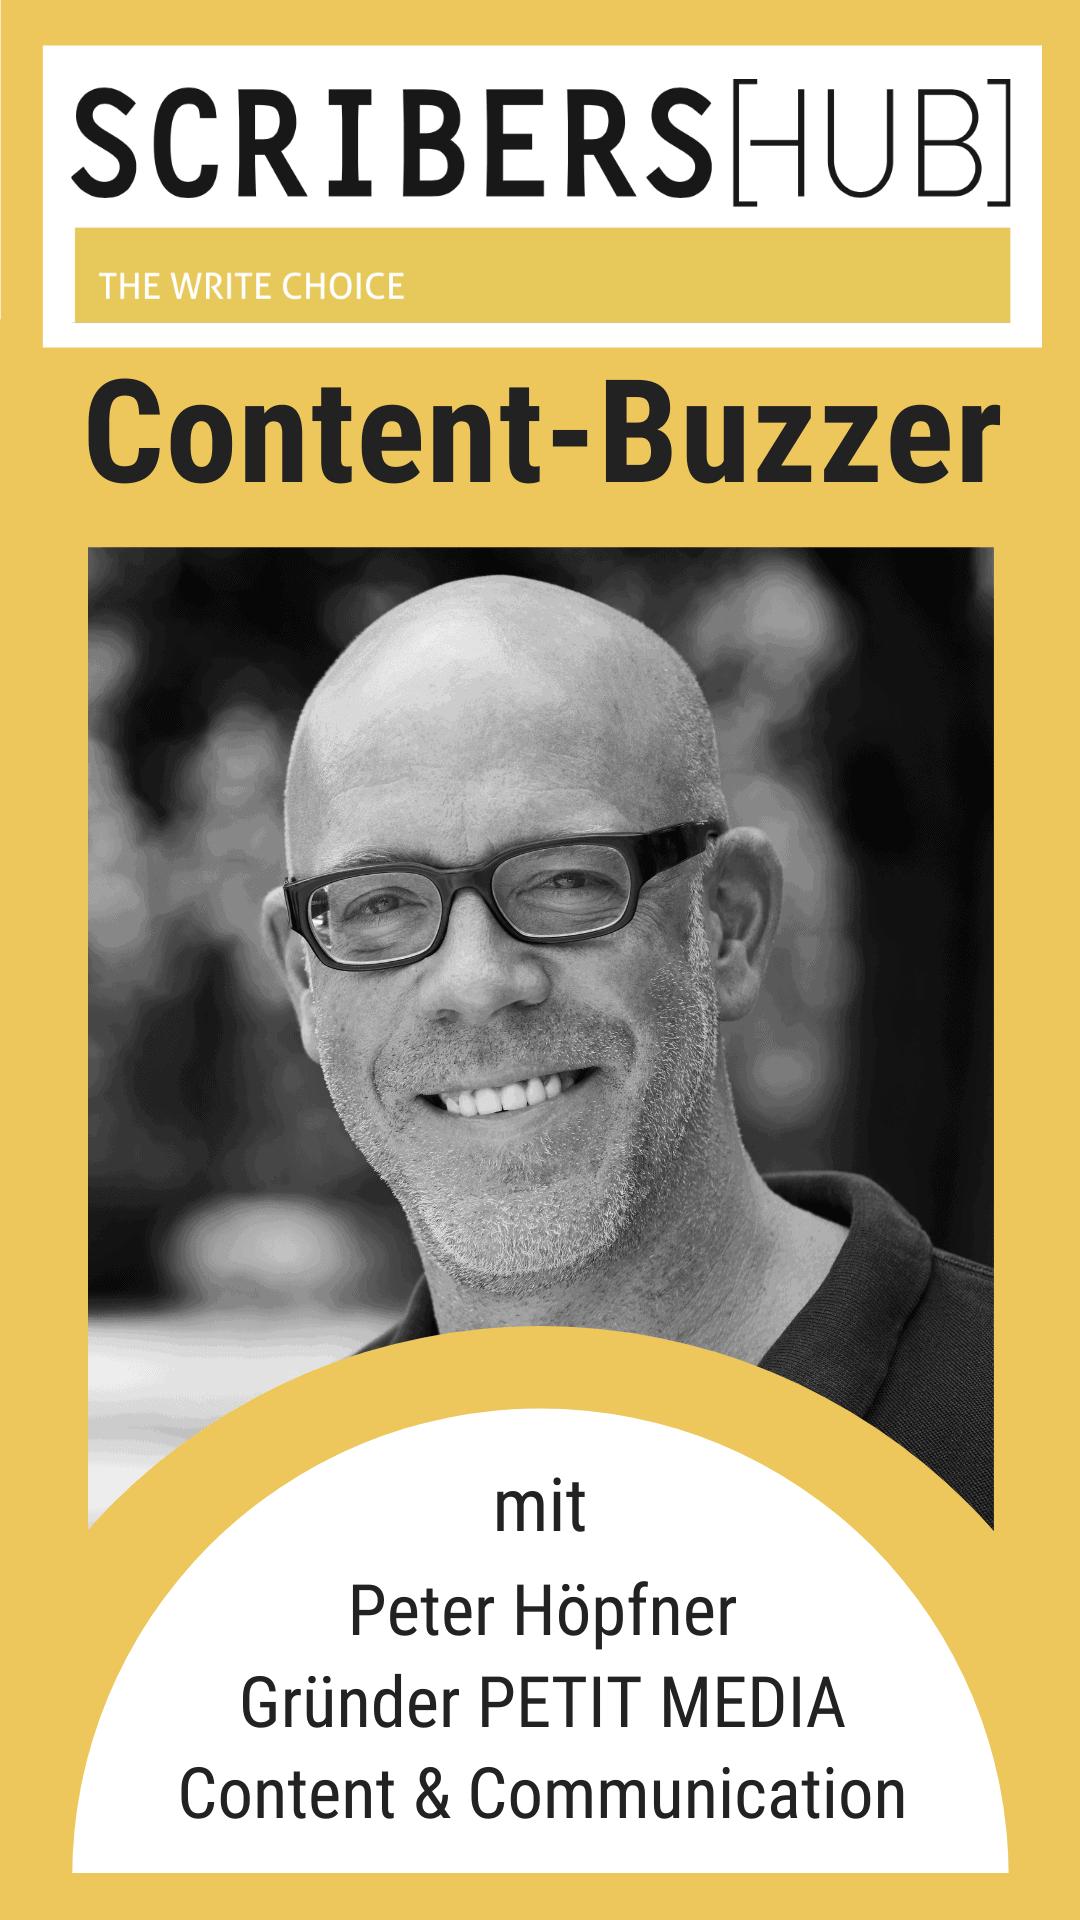 Scribershub-Content-Buzzer-mit-Peter-Höpfner-von-Petit-Media-Content-und-Communication-Mobile